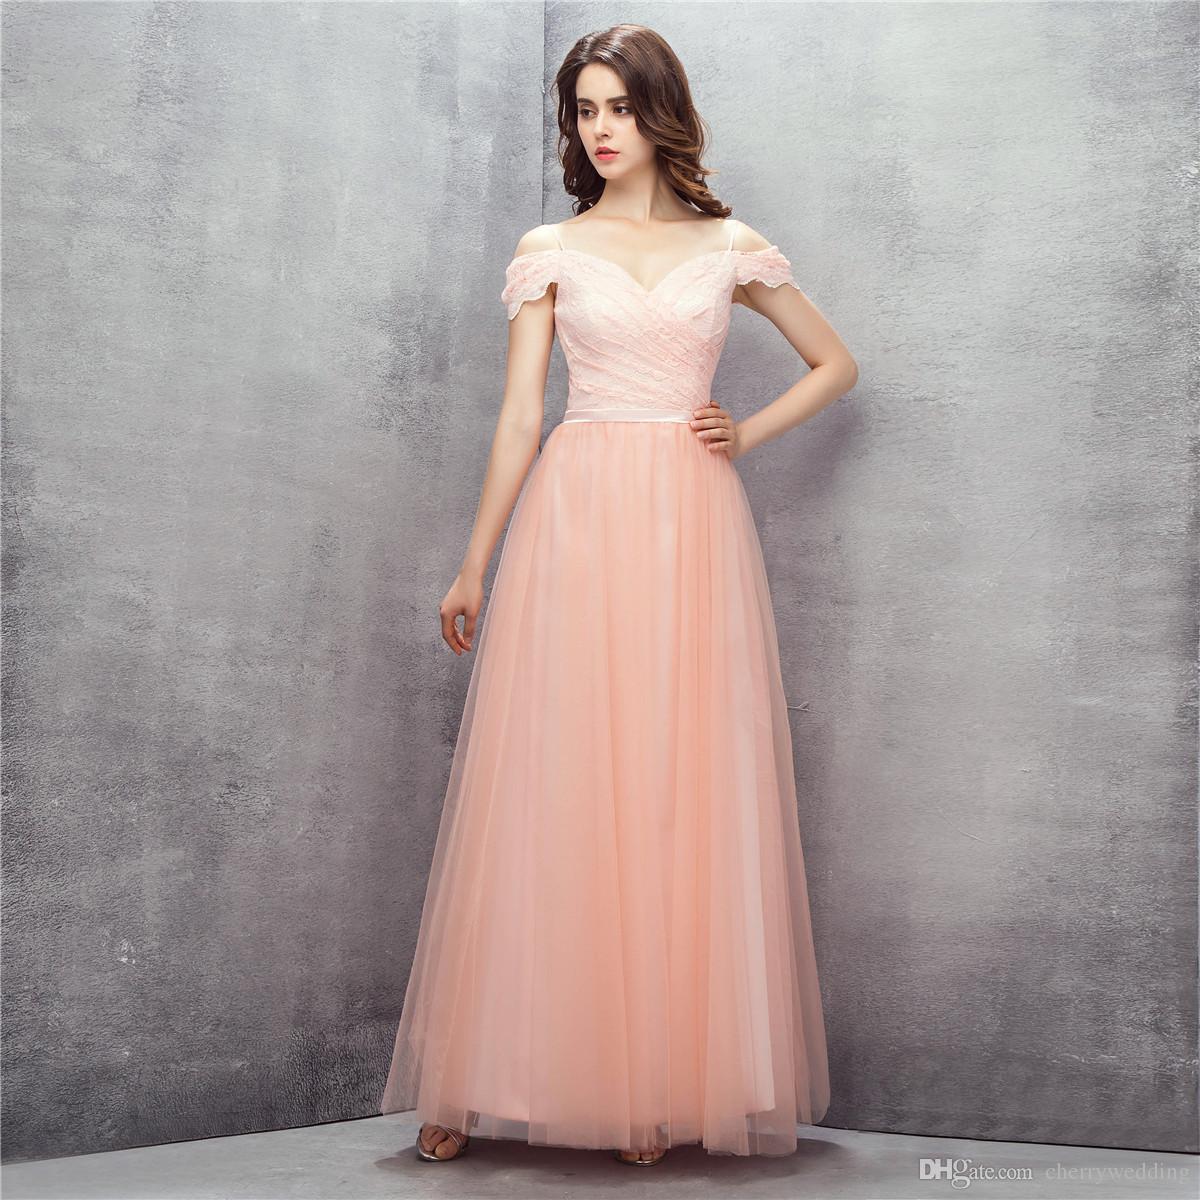 887aa9ee6de Off The Shoulder Dress Evening Dresses 2018 Robe De Soiree Floor Length  Sweet 16 Graduation Dress Long Prom Dress LG0219 Plus Size Prom Dress Prom  Dreses ...